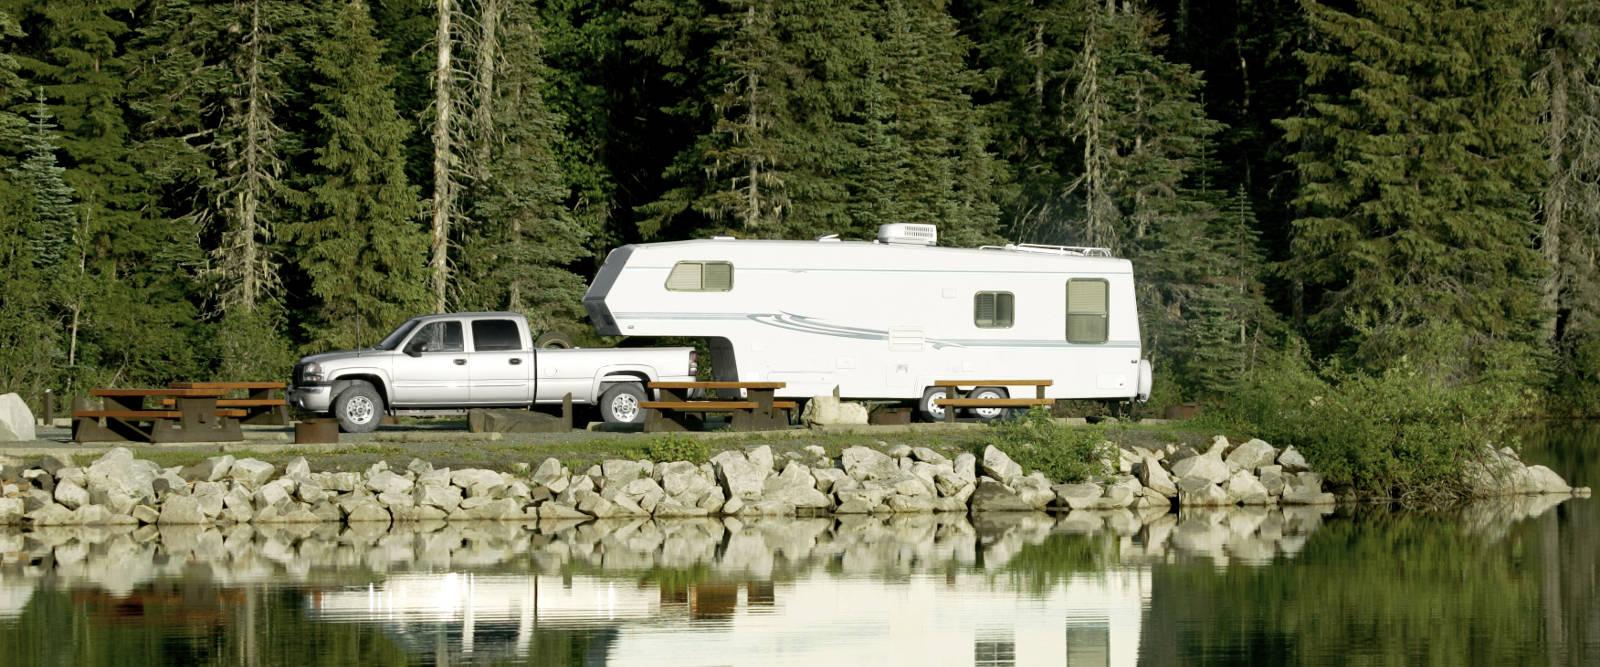 CURT 5th Wheel Hitch Pickup Truck Camper